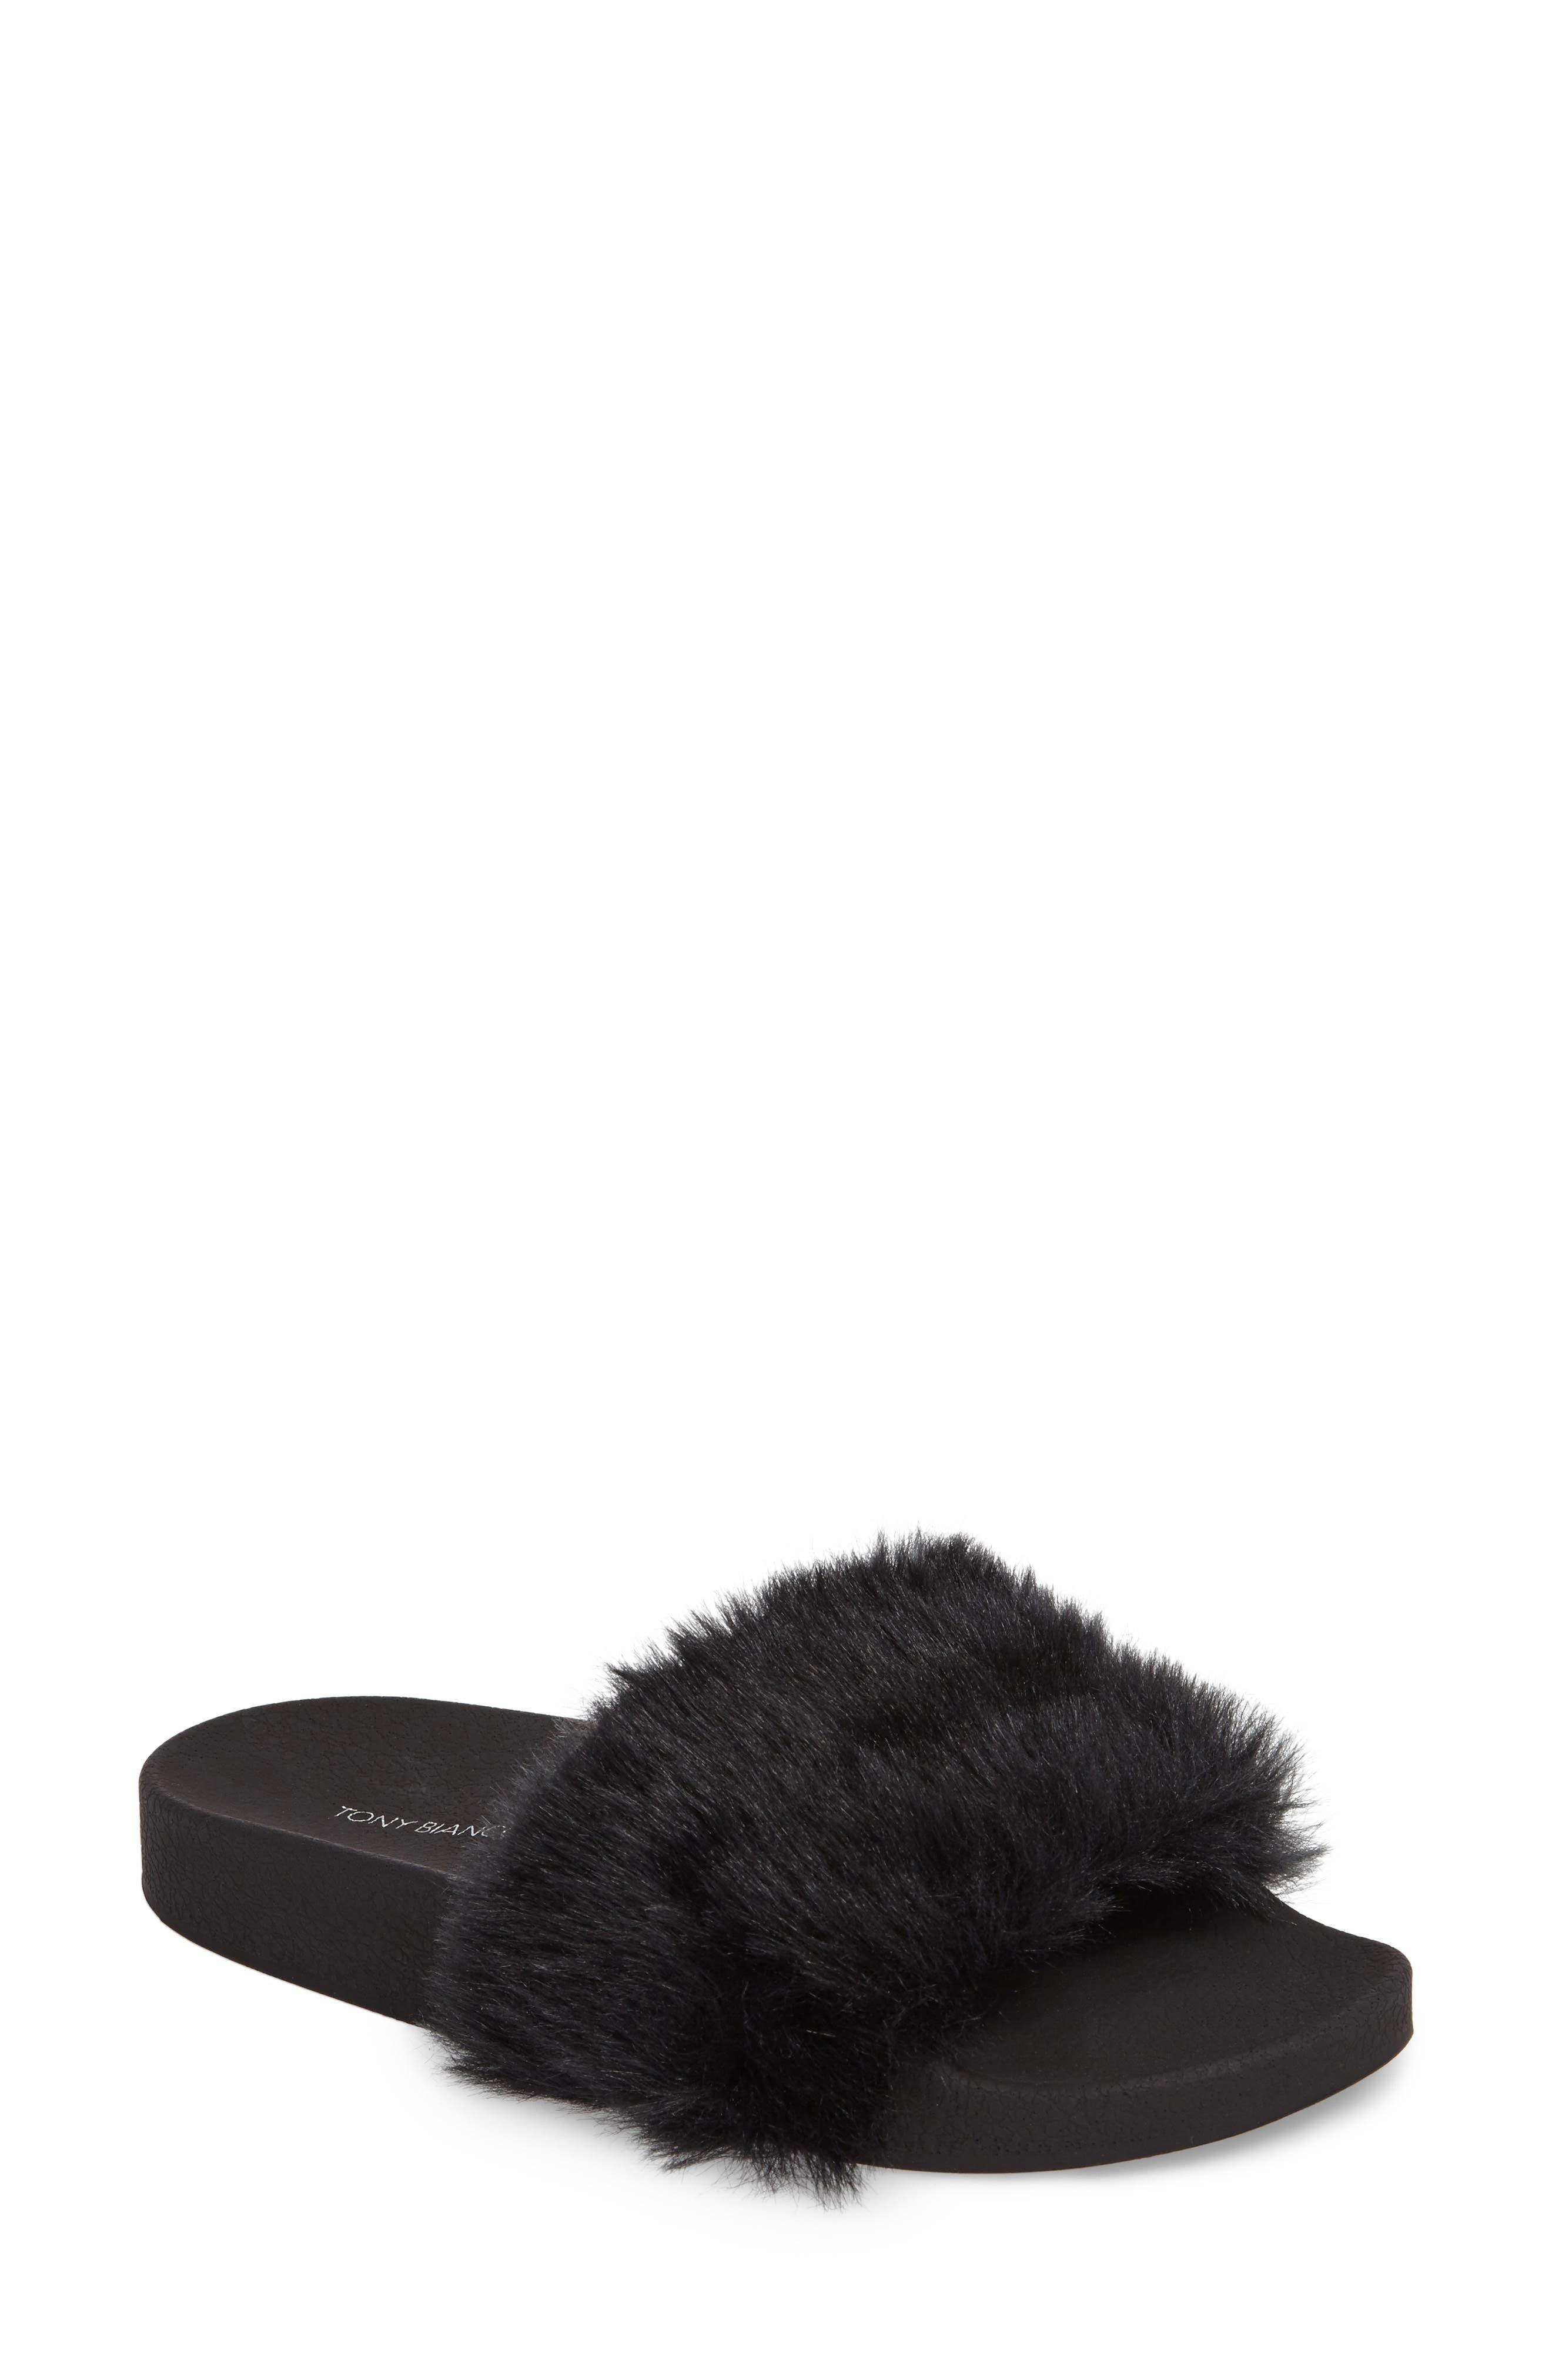 Main Image - Tony Bianco Vixen Slide Sandal (Women)